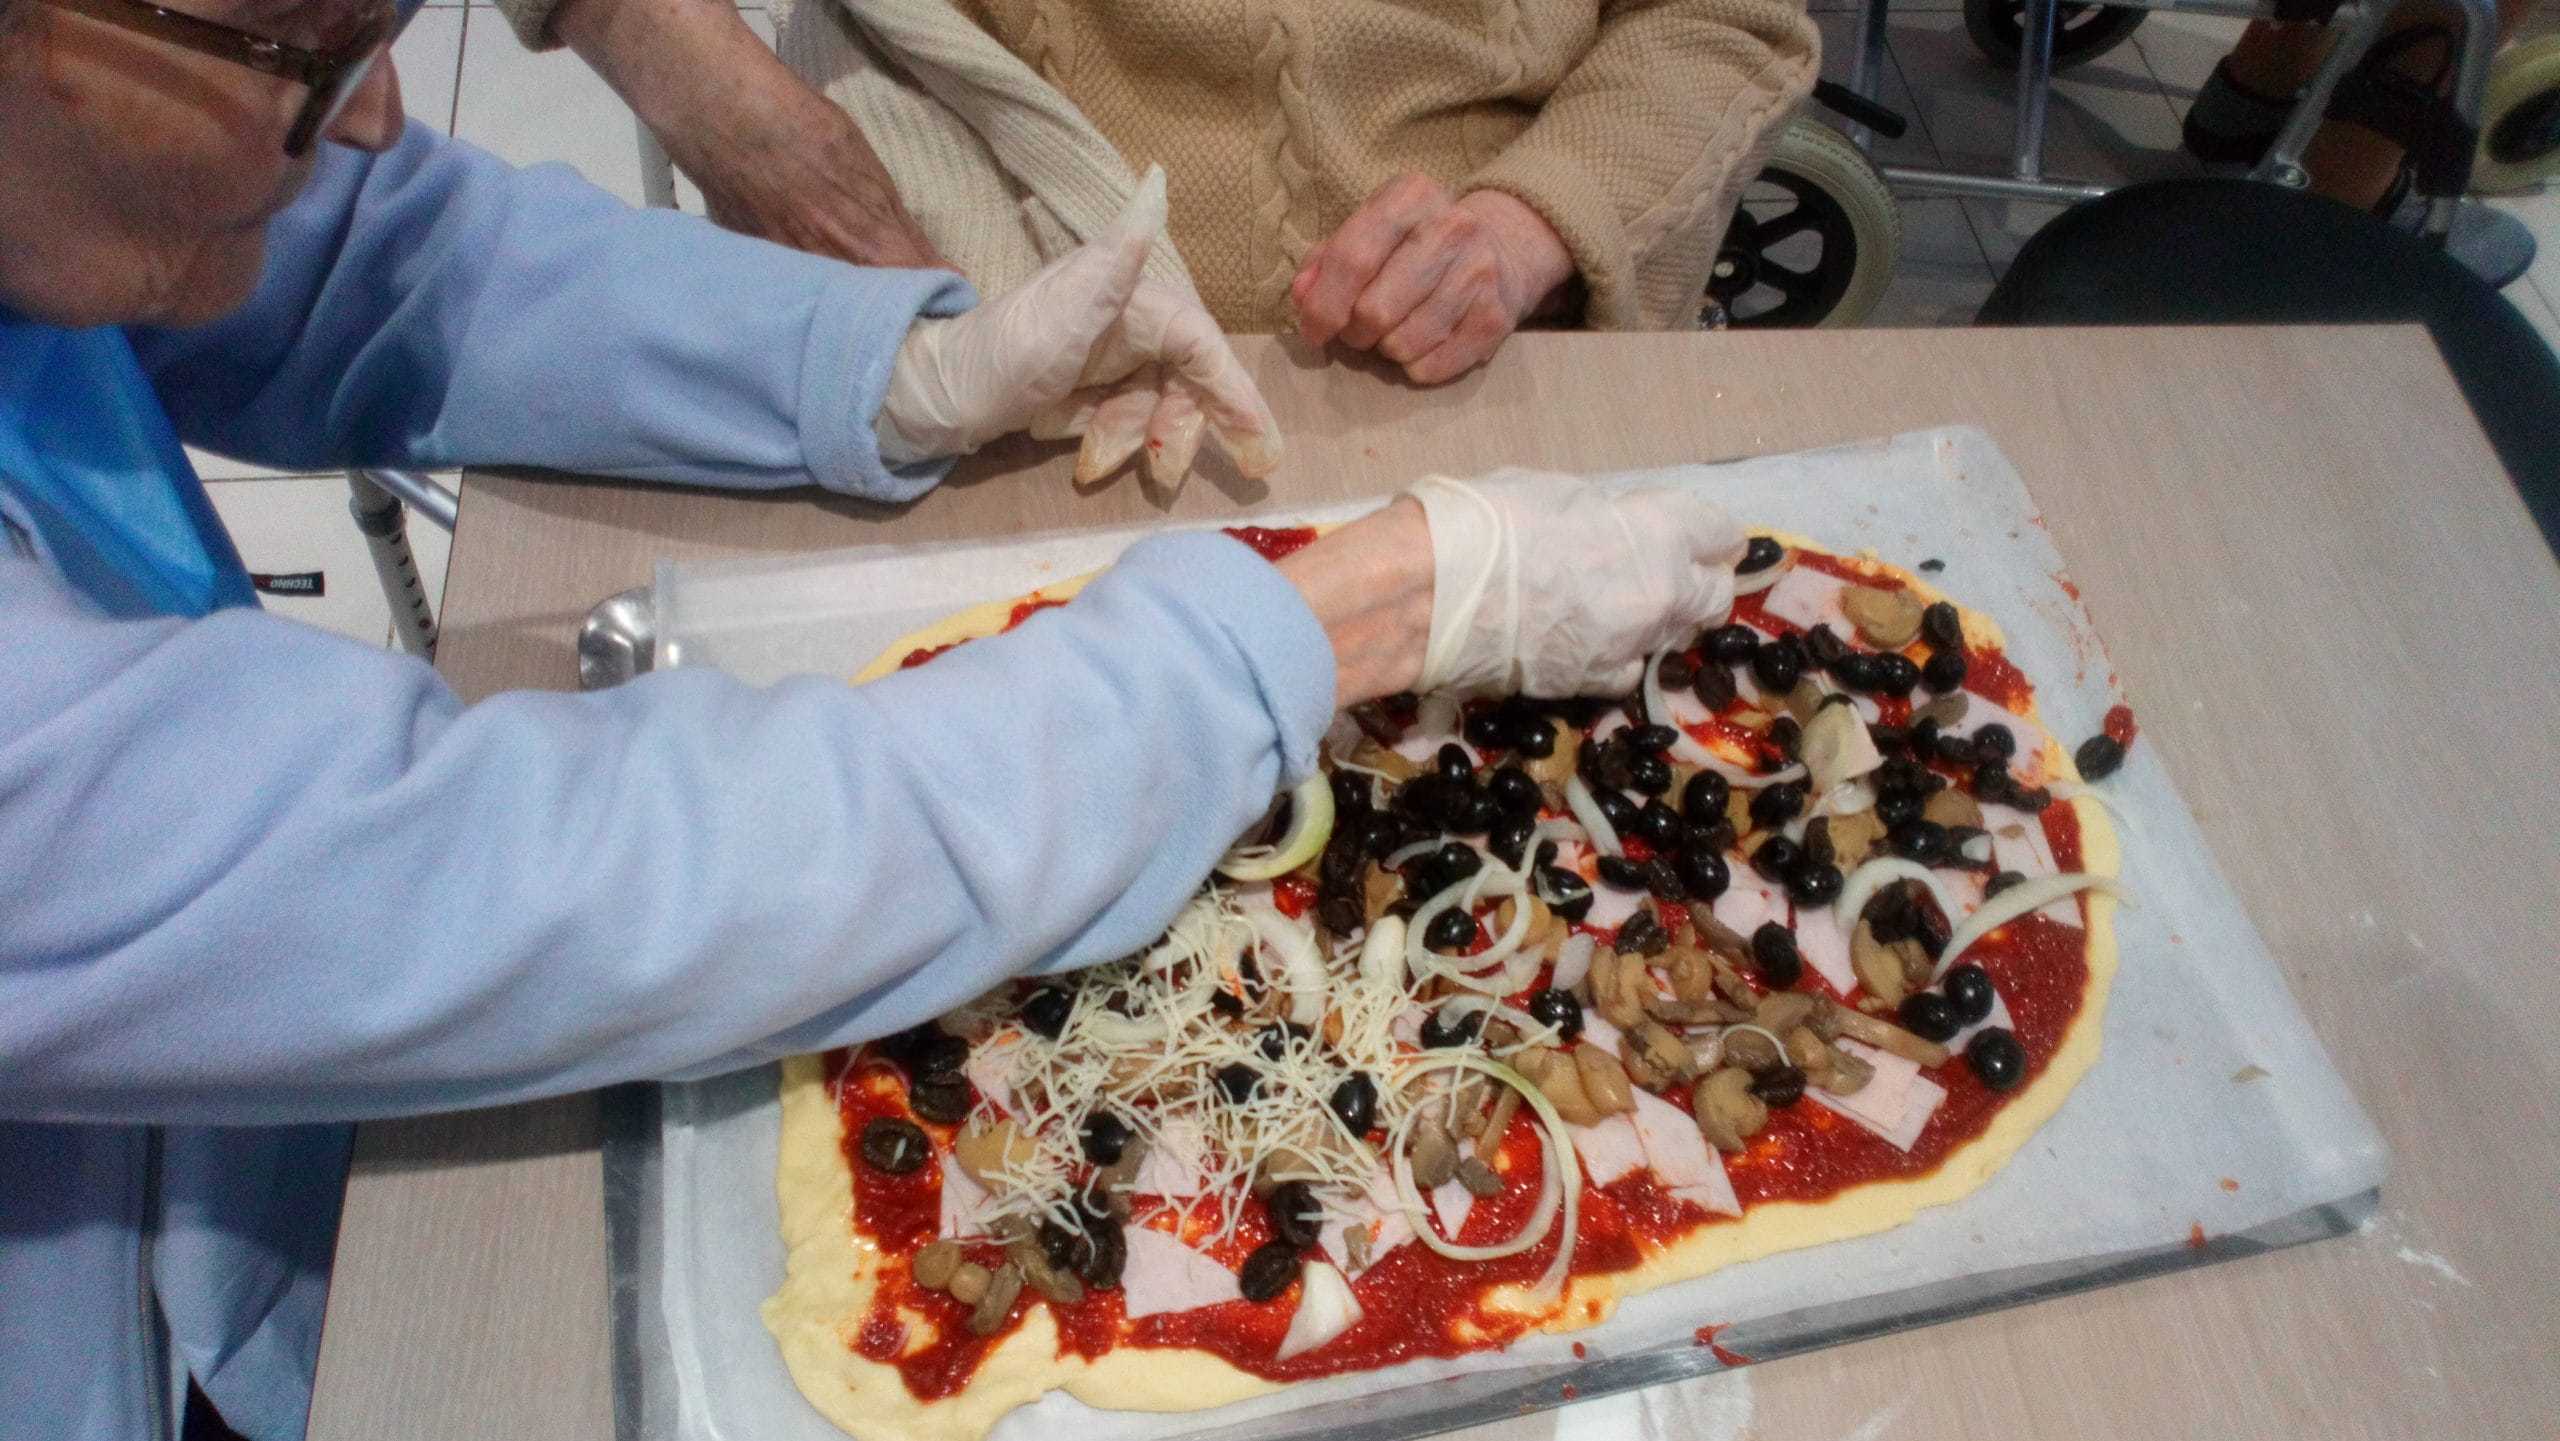 Finition de la pizza à l'atelier de la maison de retraite.